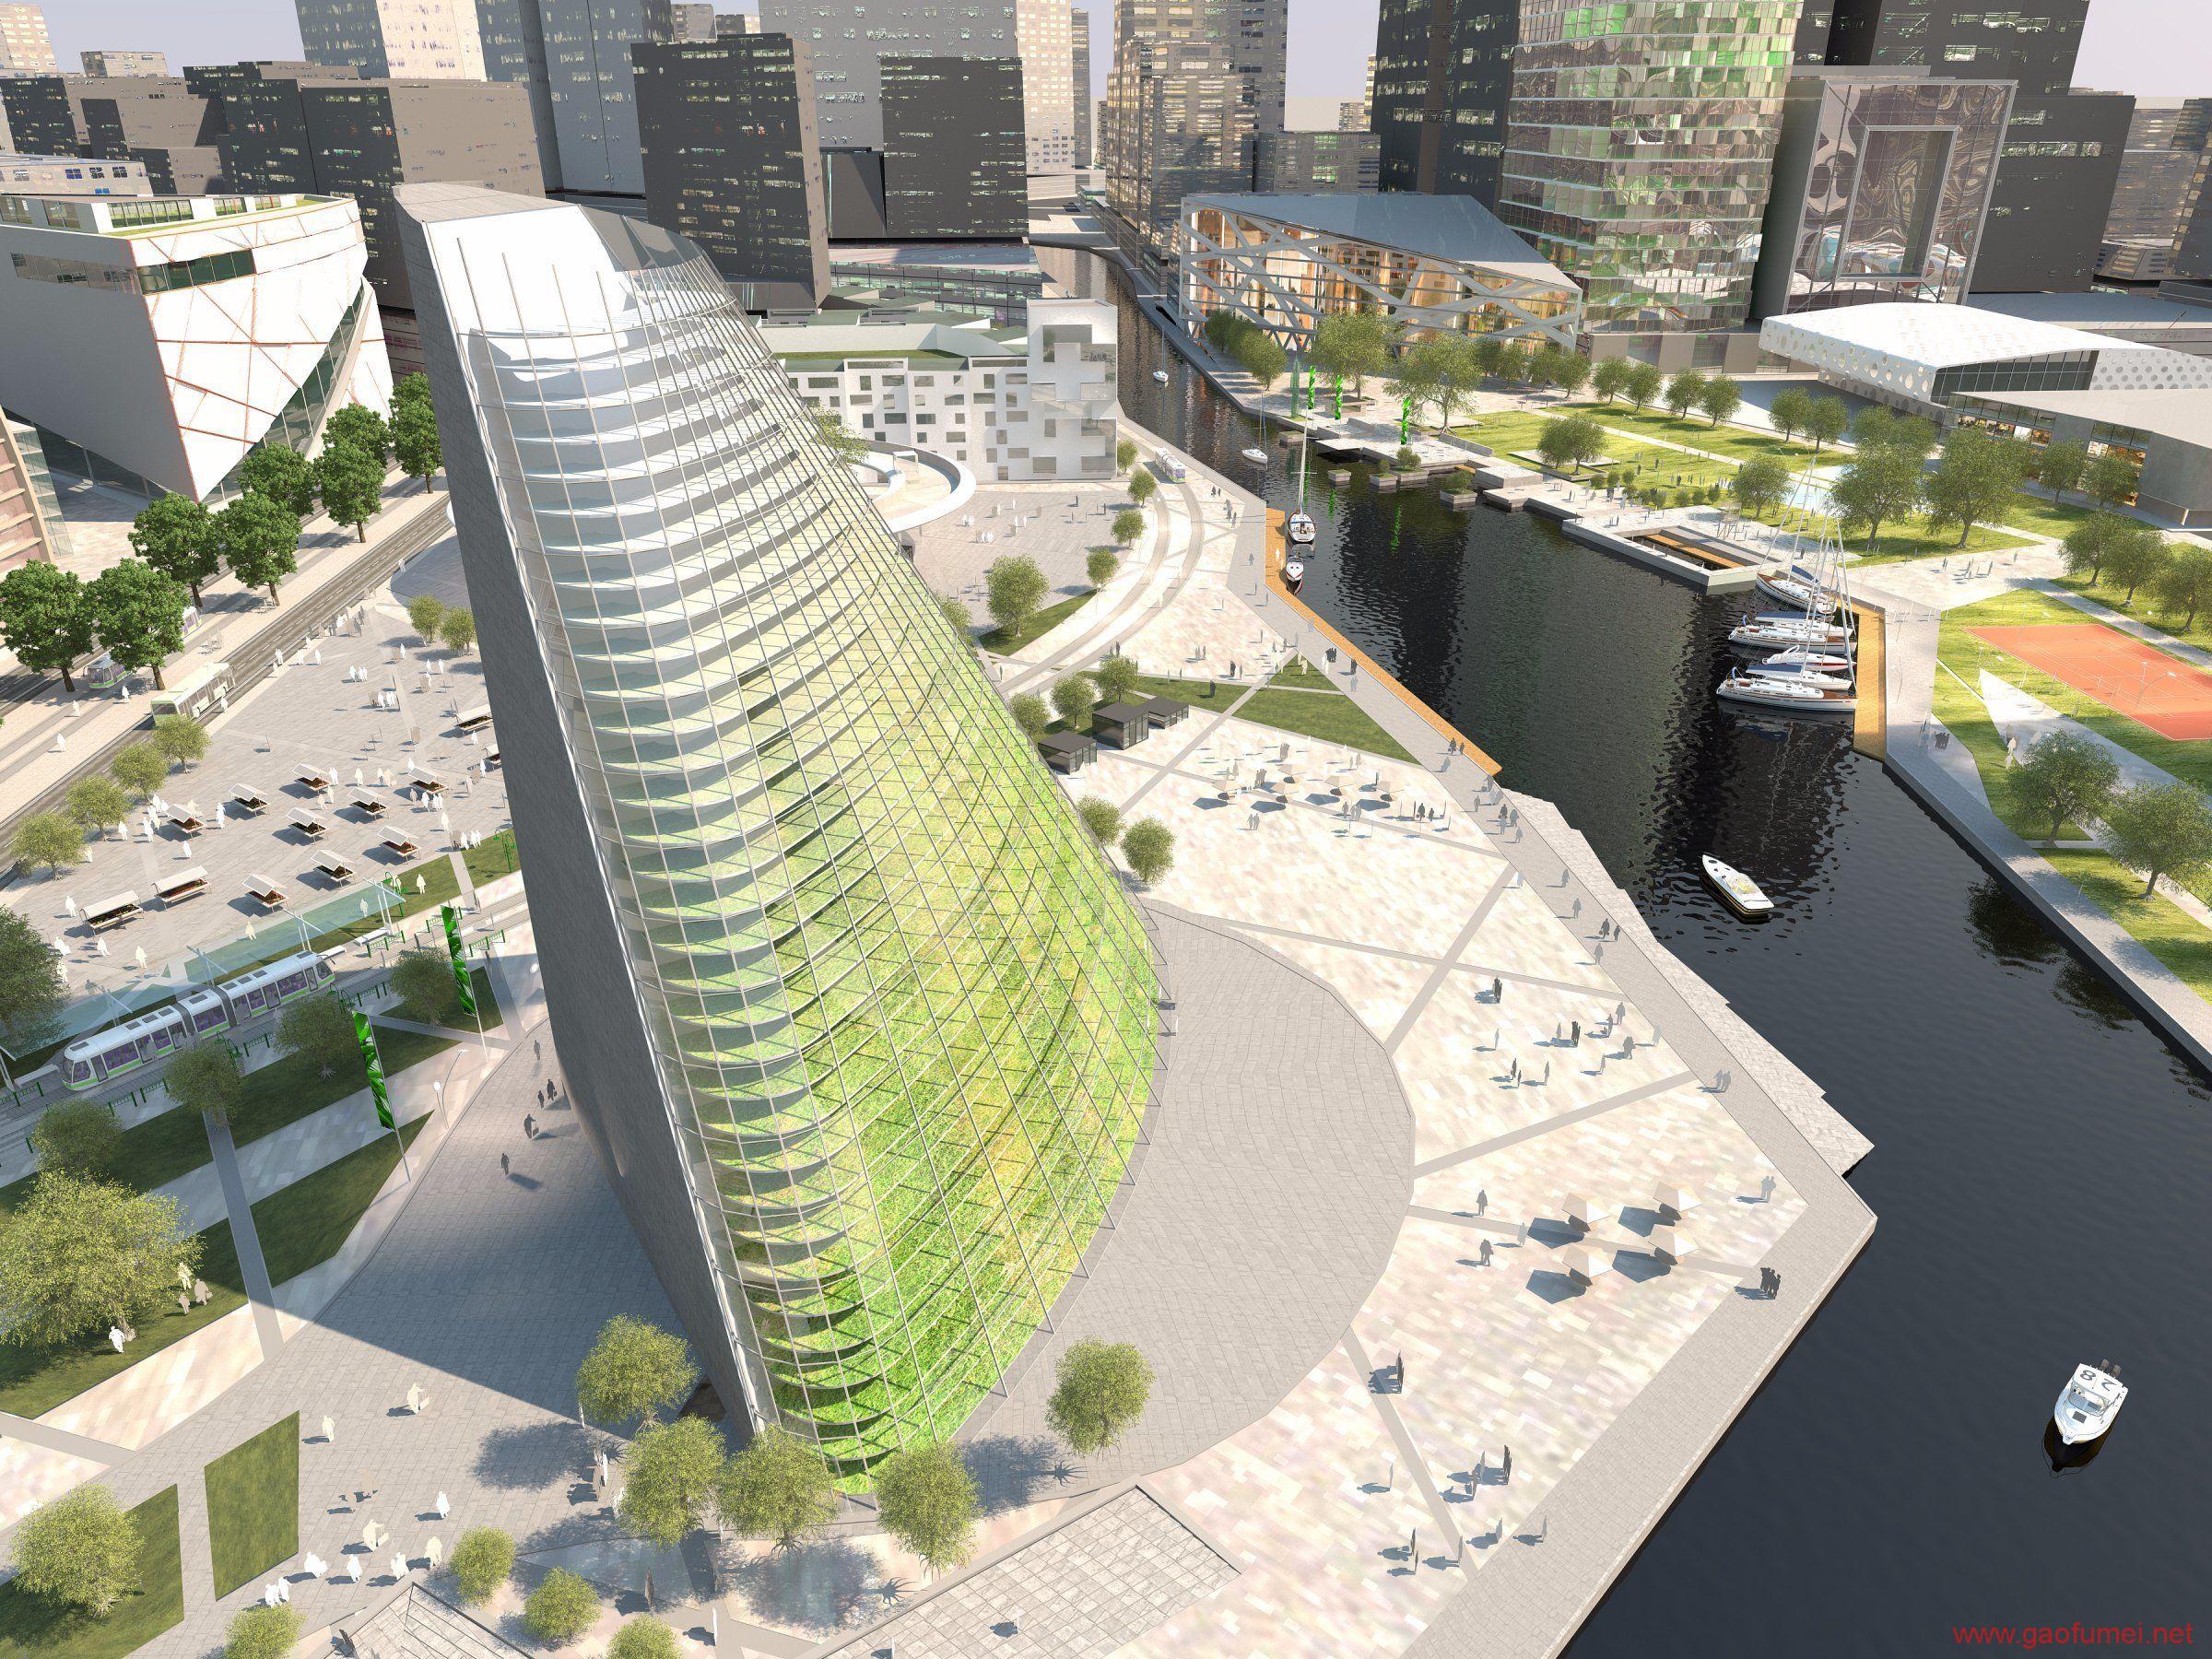 Plantagon在WEF发布植物大厦设计方案上海或将兴建城市农场 农业科技 第1张-泥人传说